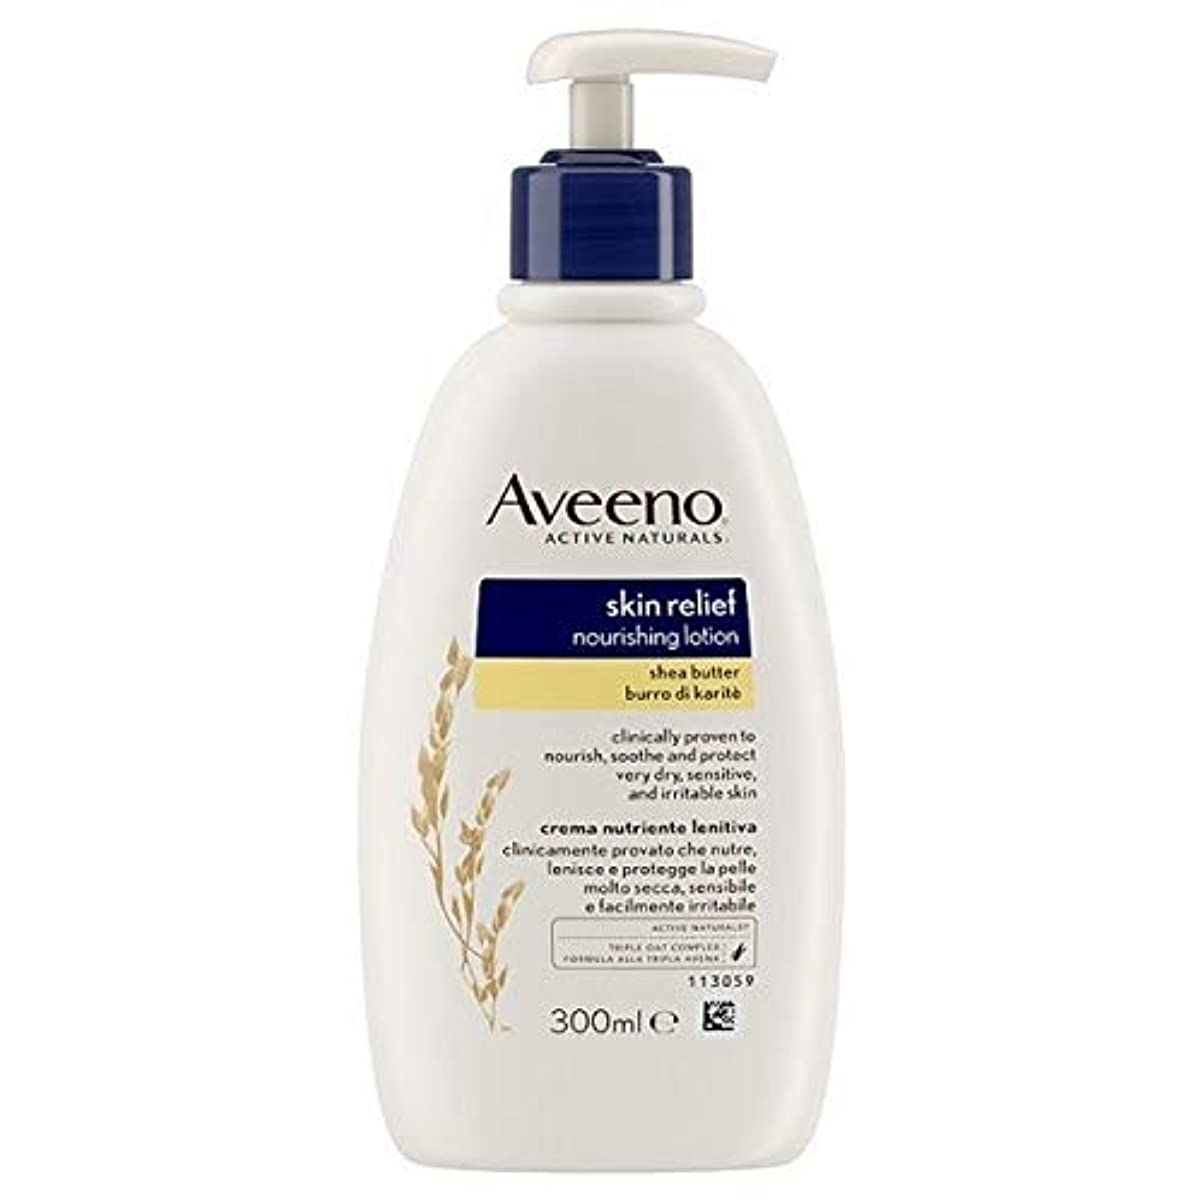 時々ガレージ浮浪者[Aveeno] Aveenoスキンリリーフローション300ミリリットル - Aveeno Skin Relief Lotion 300ml [並行輸入品]